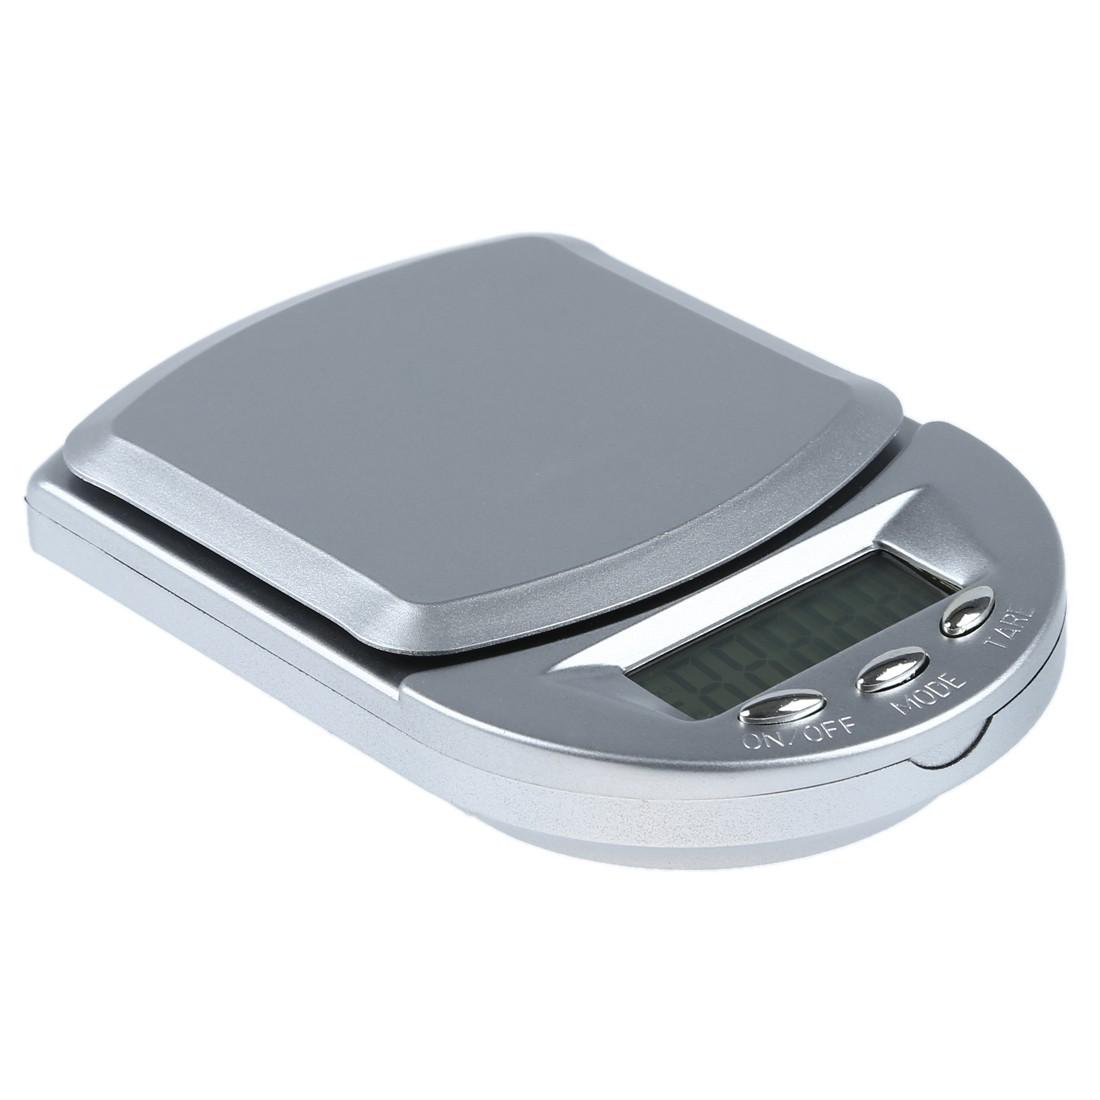 Pèse Cellule / Balance numérique 500g x 0.1g